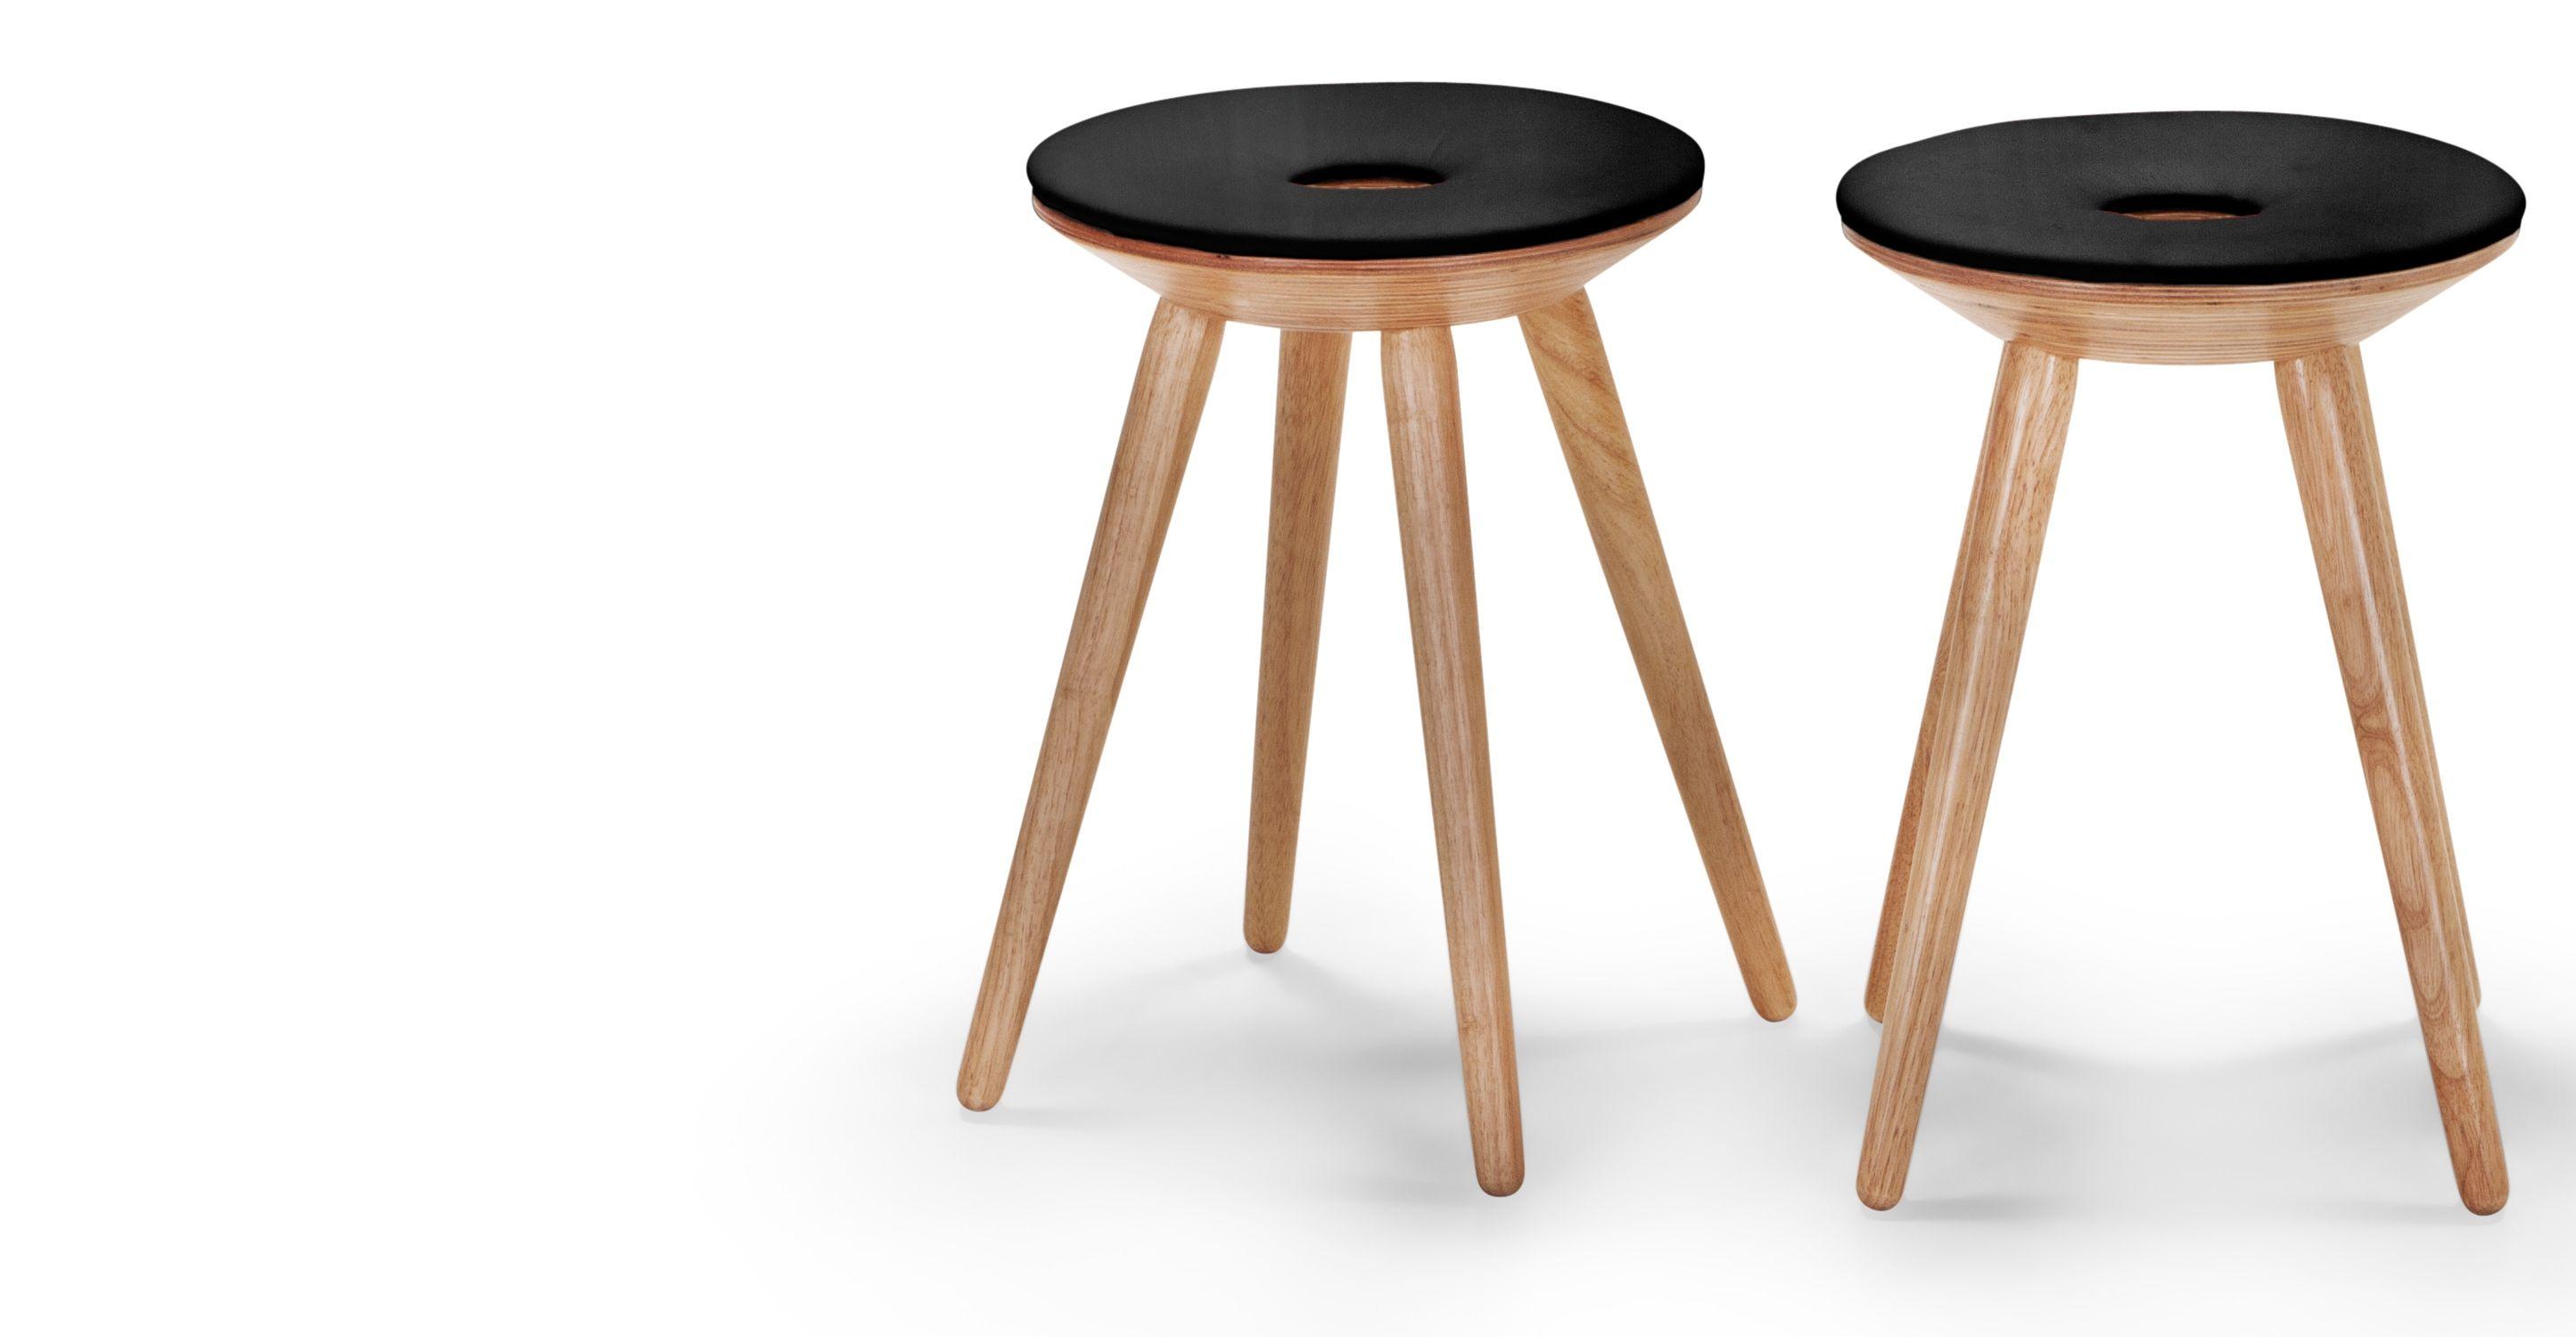 2 x kitson tabourets bois naturel et noir inspiration deco tabouret bois naturel et bois. Black Bedroom Furniture Sets. Home Design Ideas